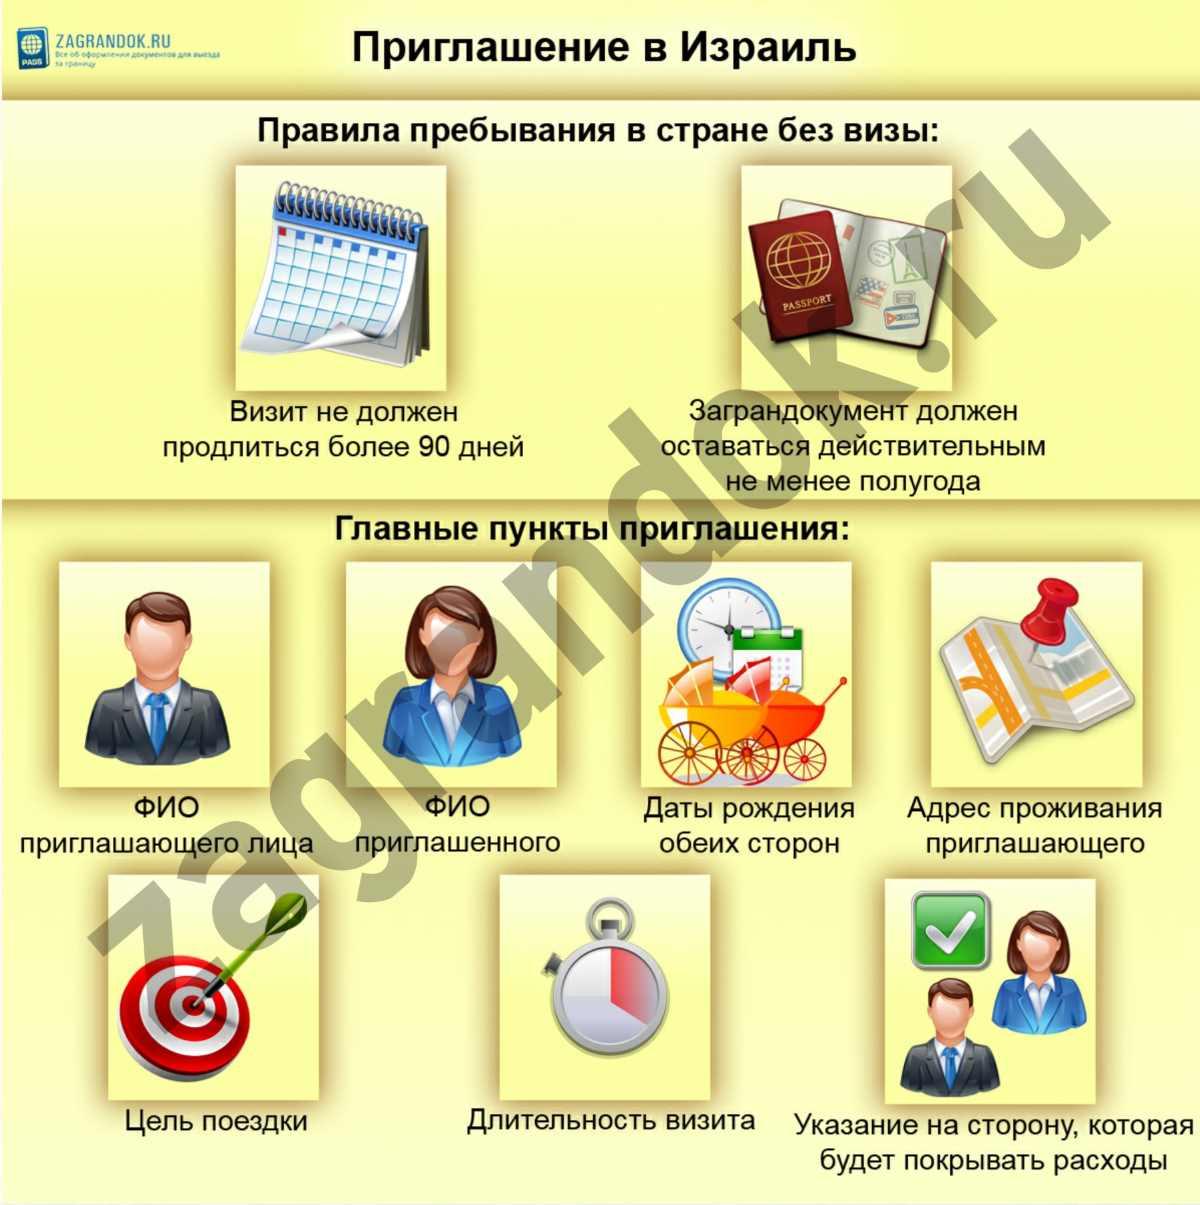 гарантийное письмо для поездки в украину образец